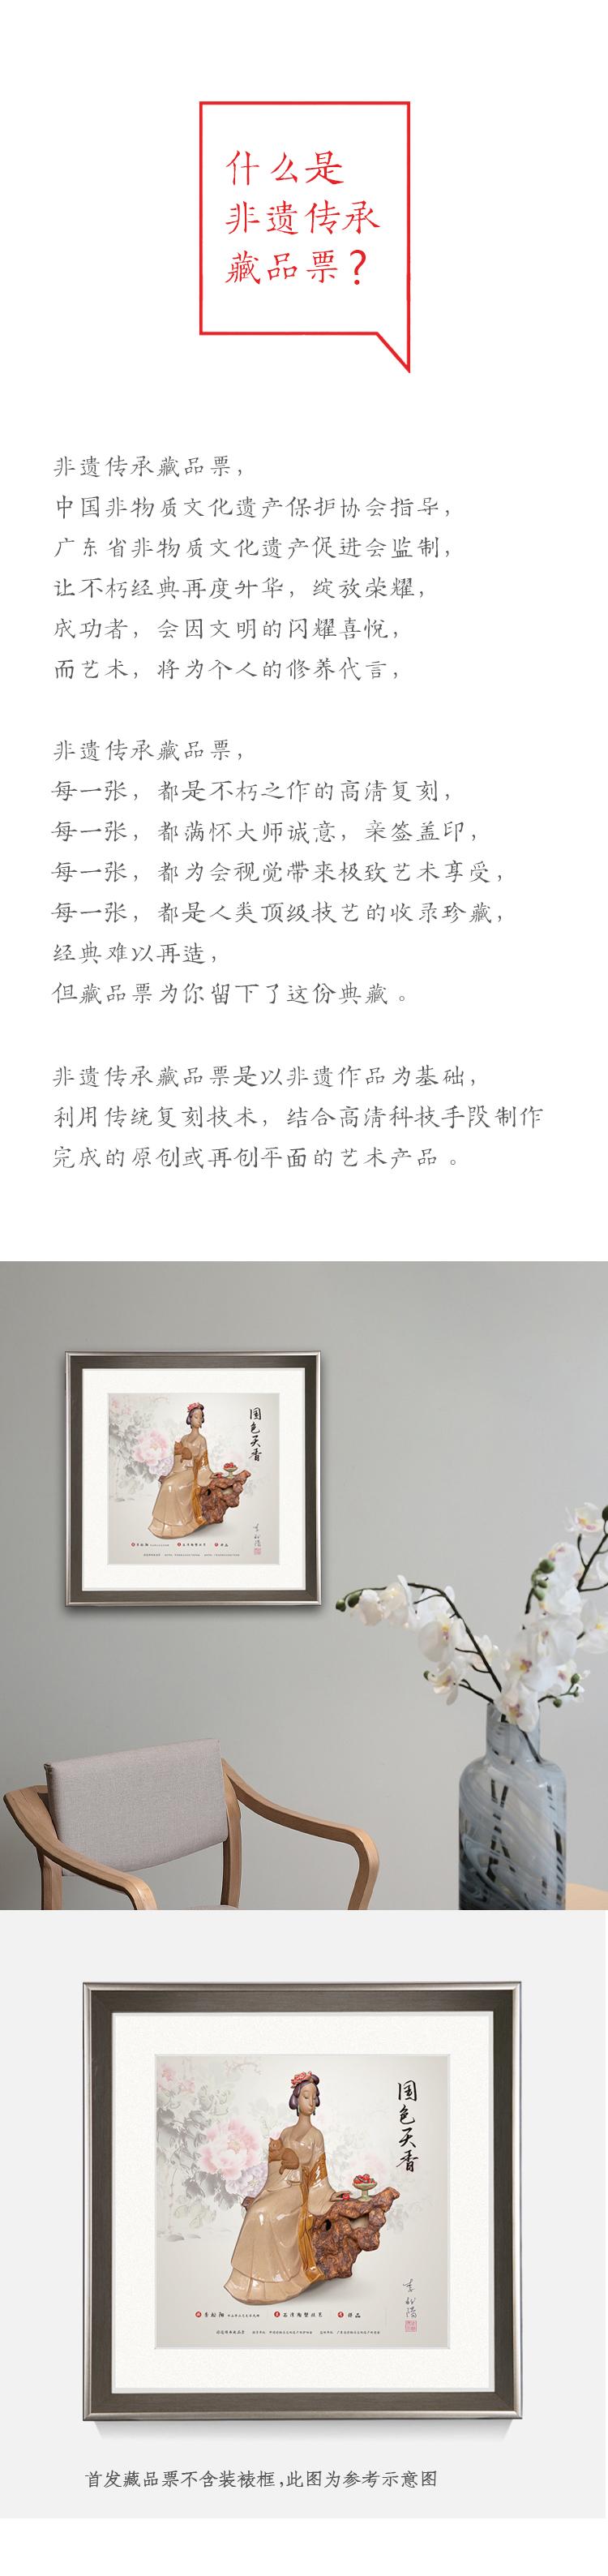 国色天香_05.jpg